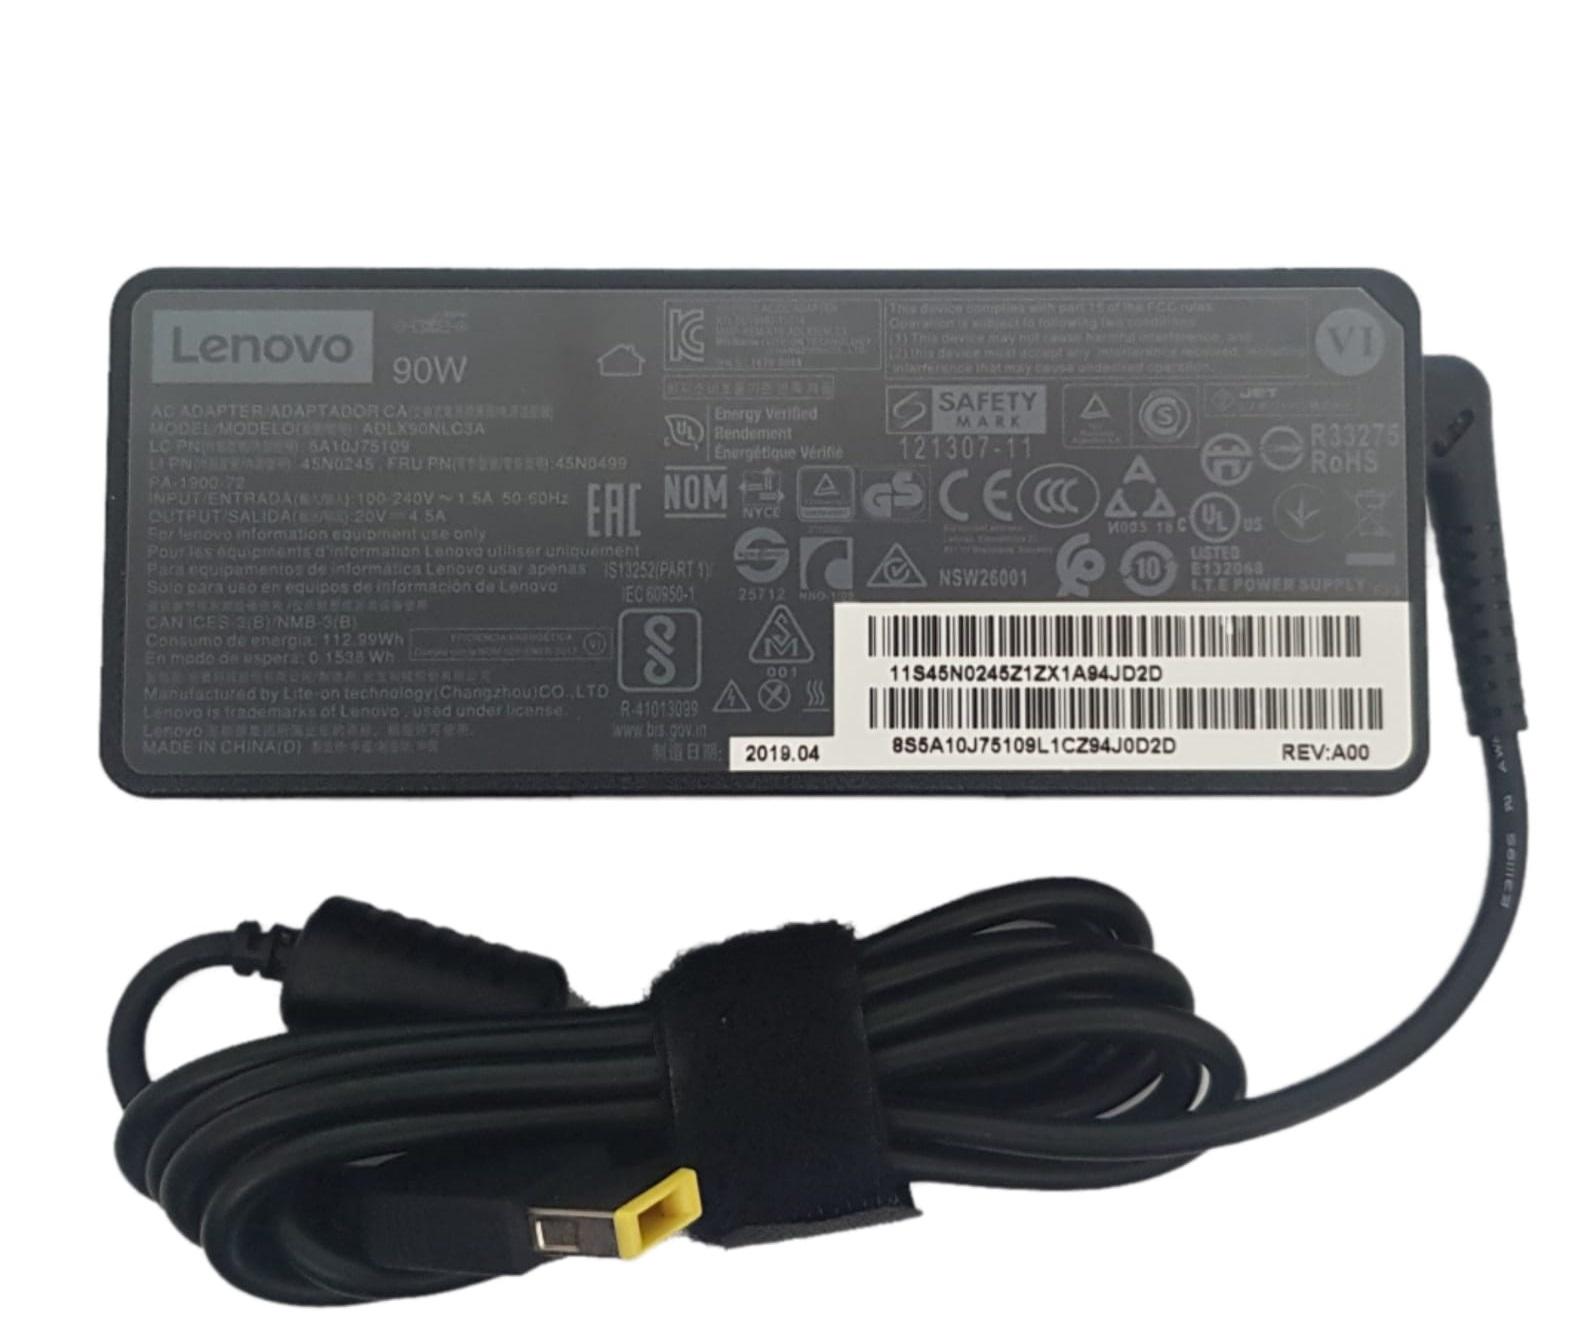 מטען למחשב נייד לנובו Lenovo Flex 15